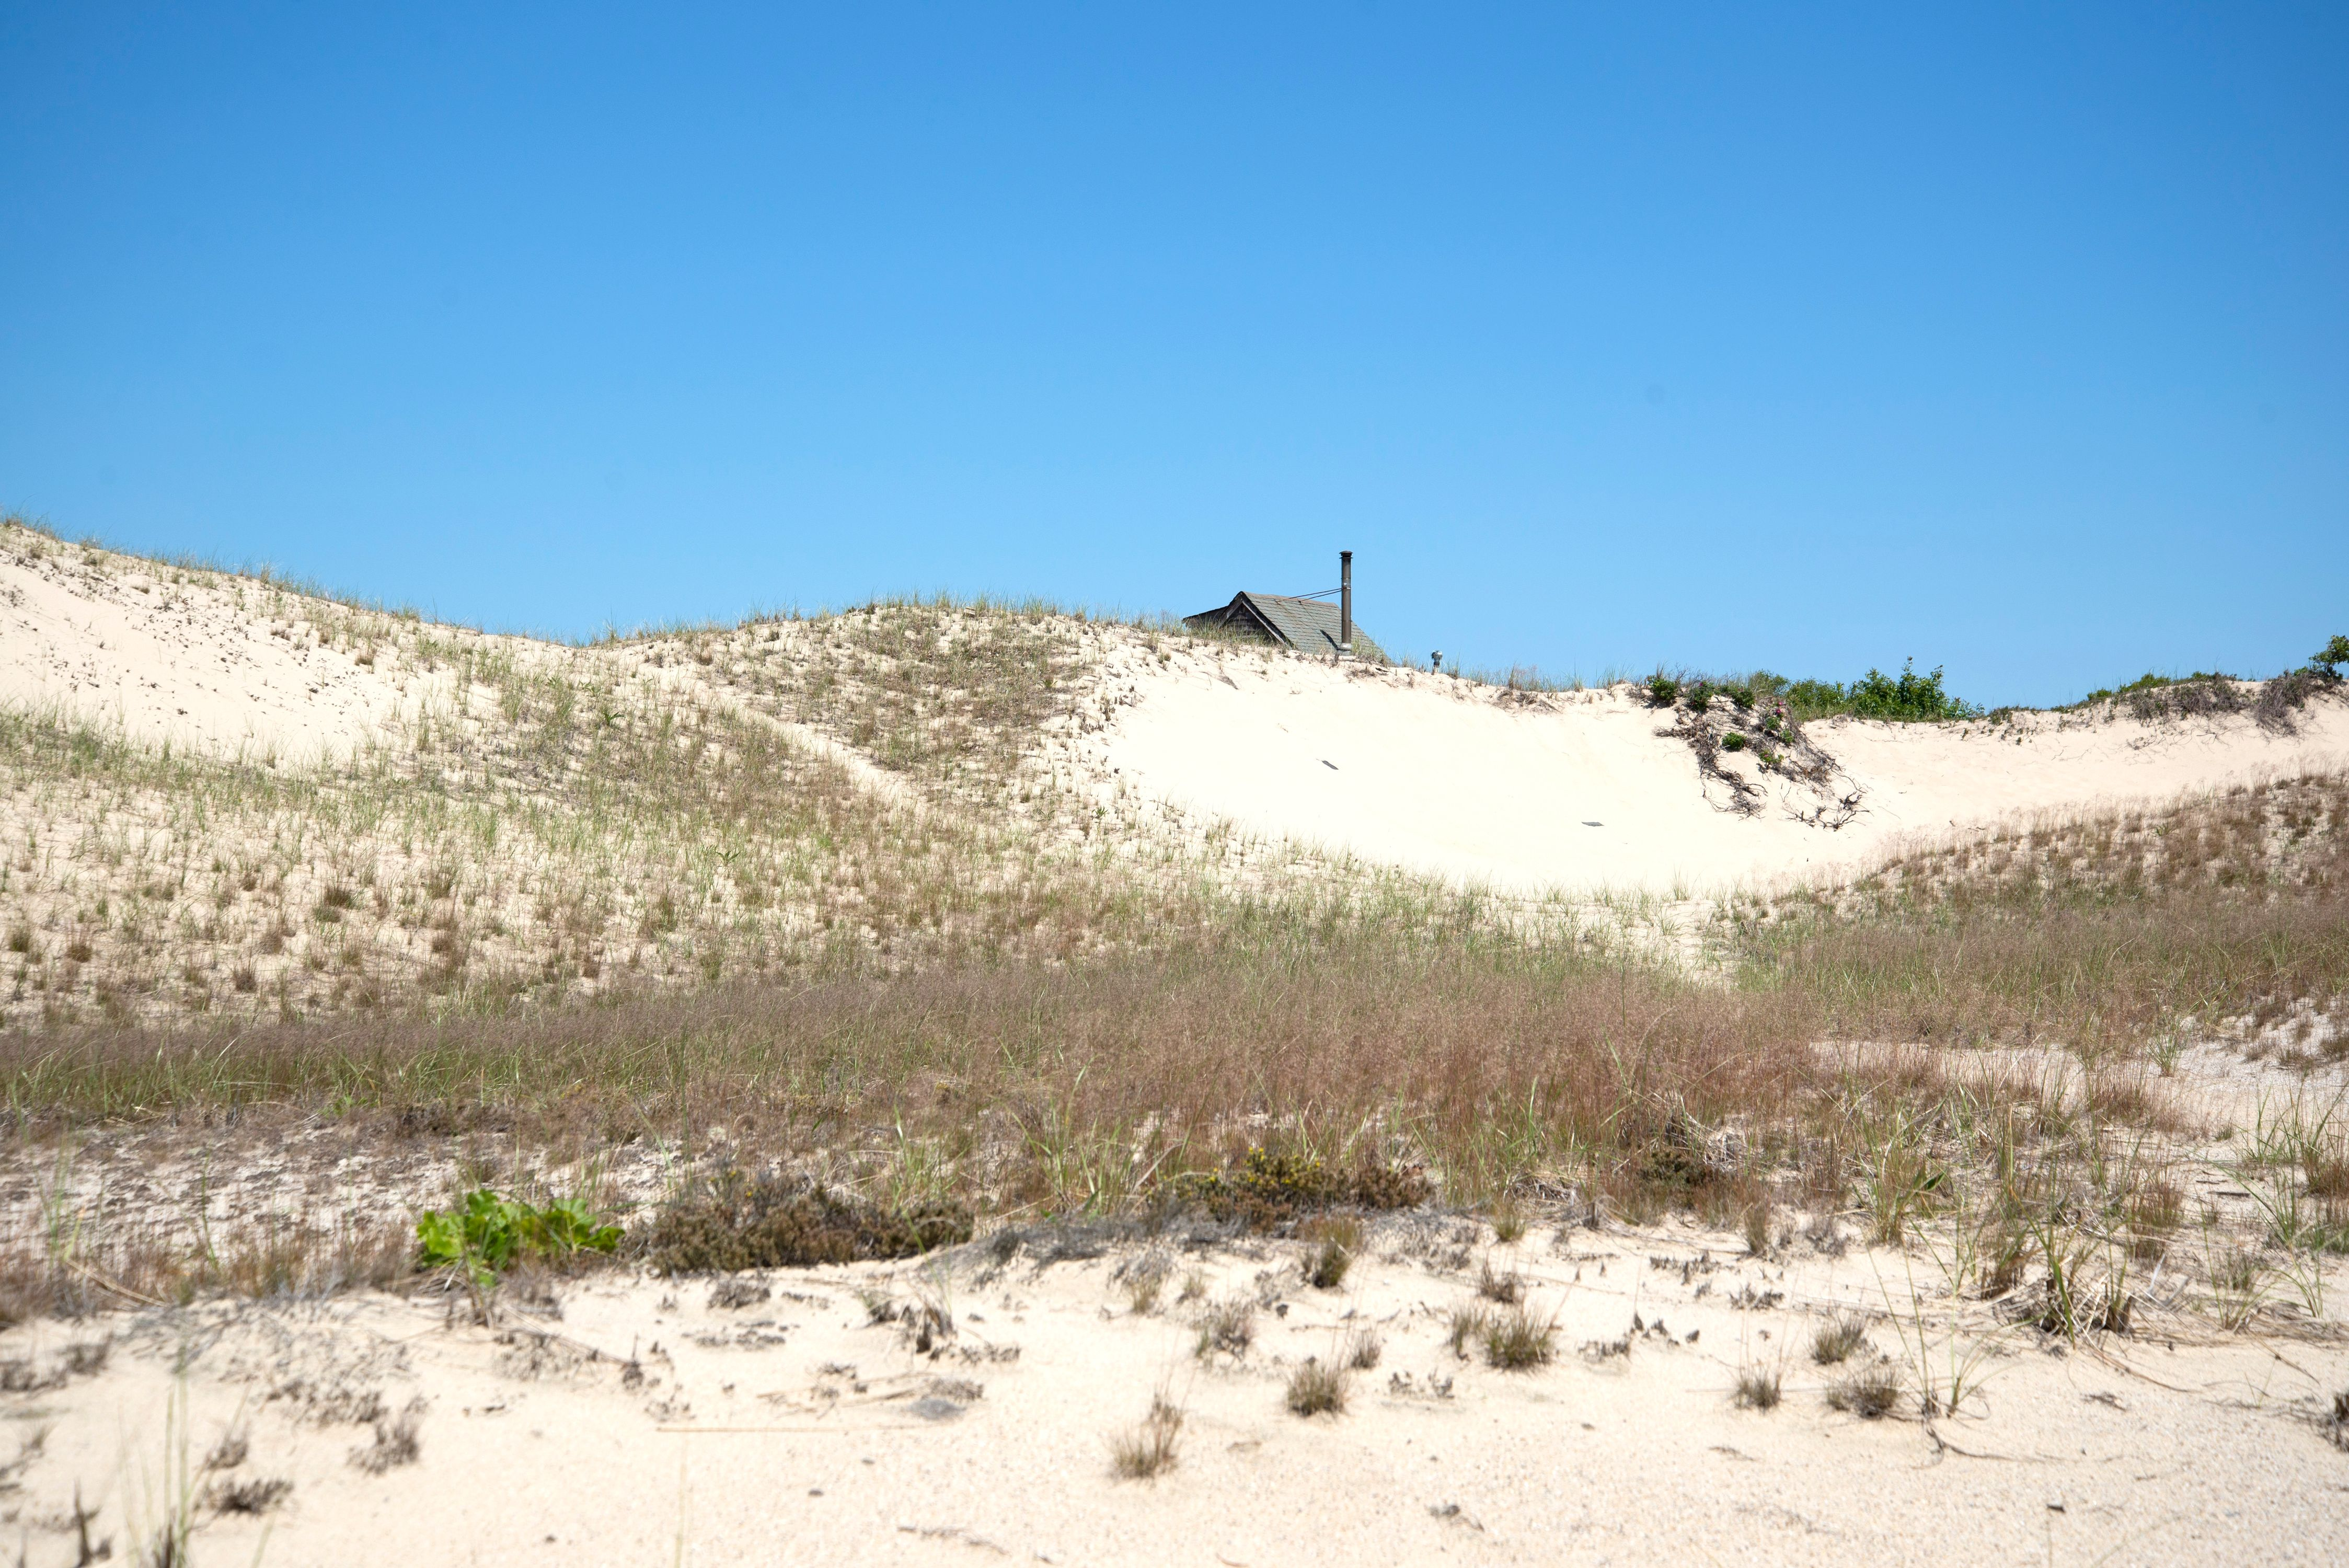 C-Scape Dune Shack, 2006